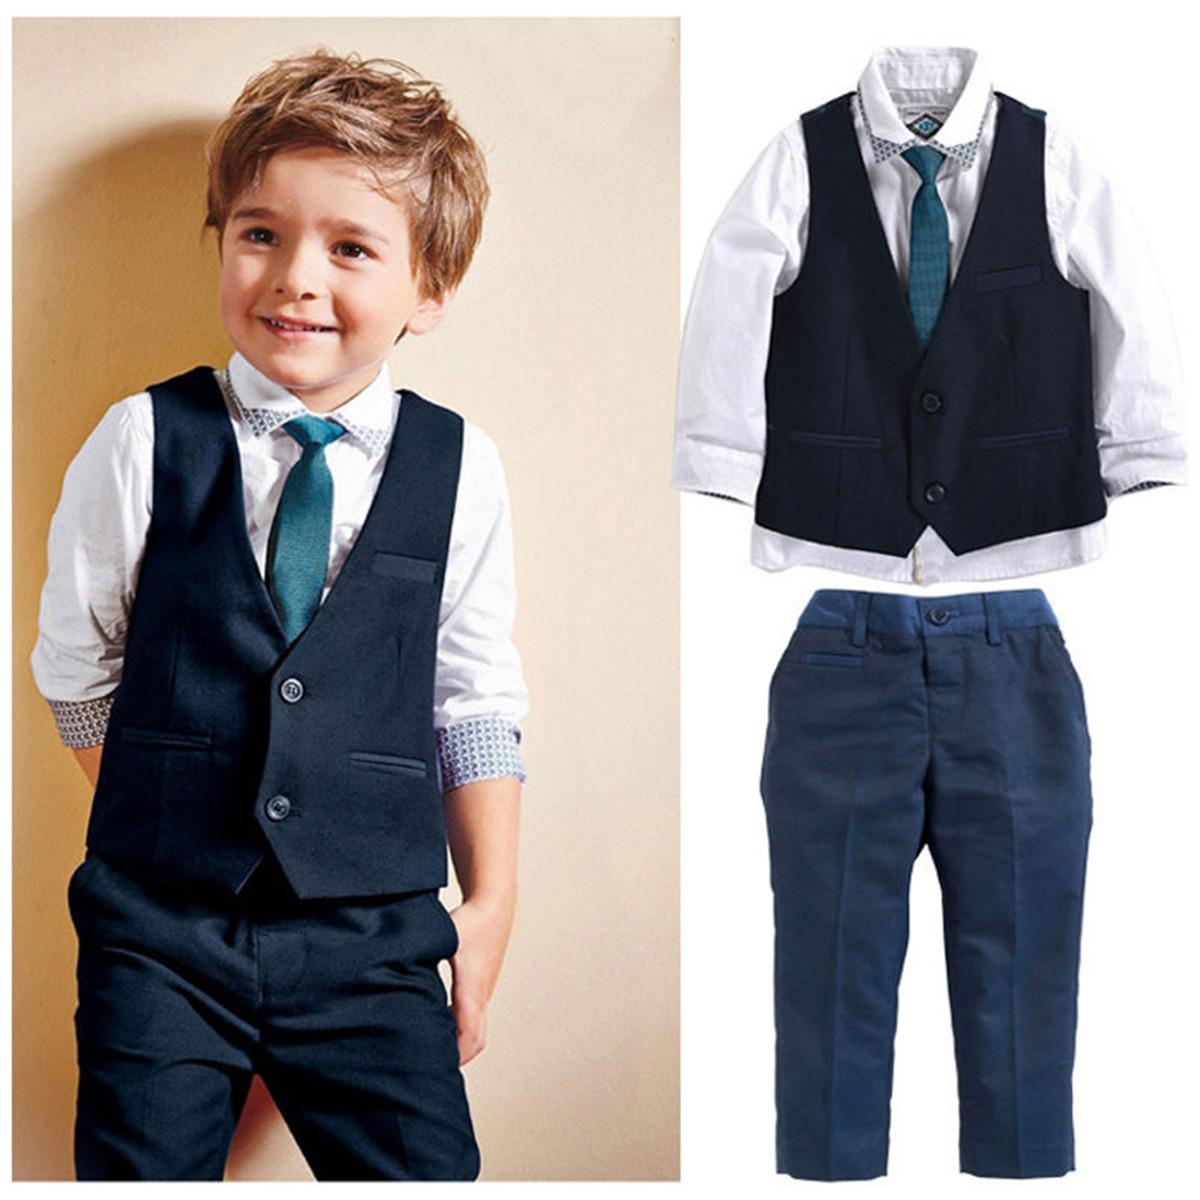 4pcs//set Baby Boys Dress Suit Vest Shirt Necktie Pants Kids Clothes Outfits